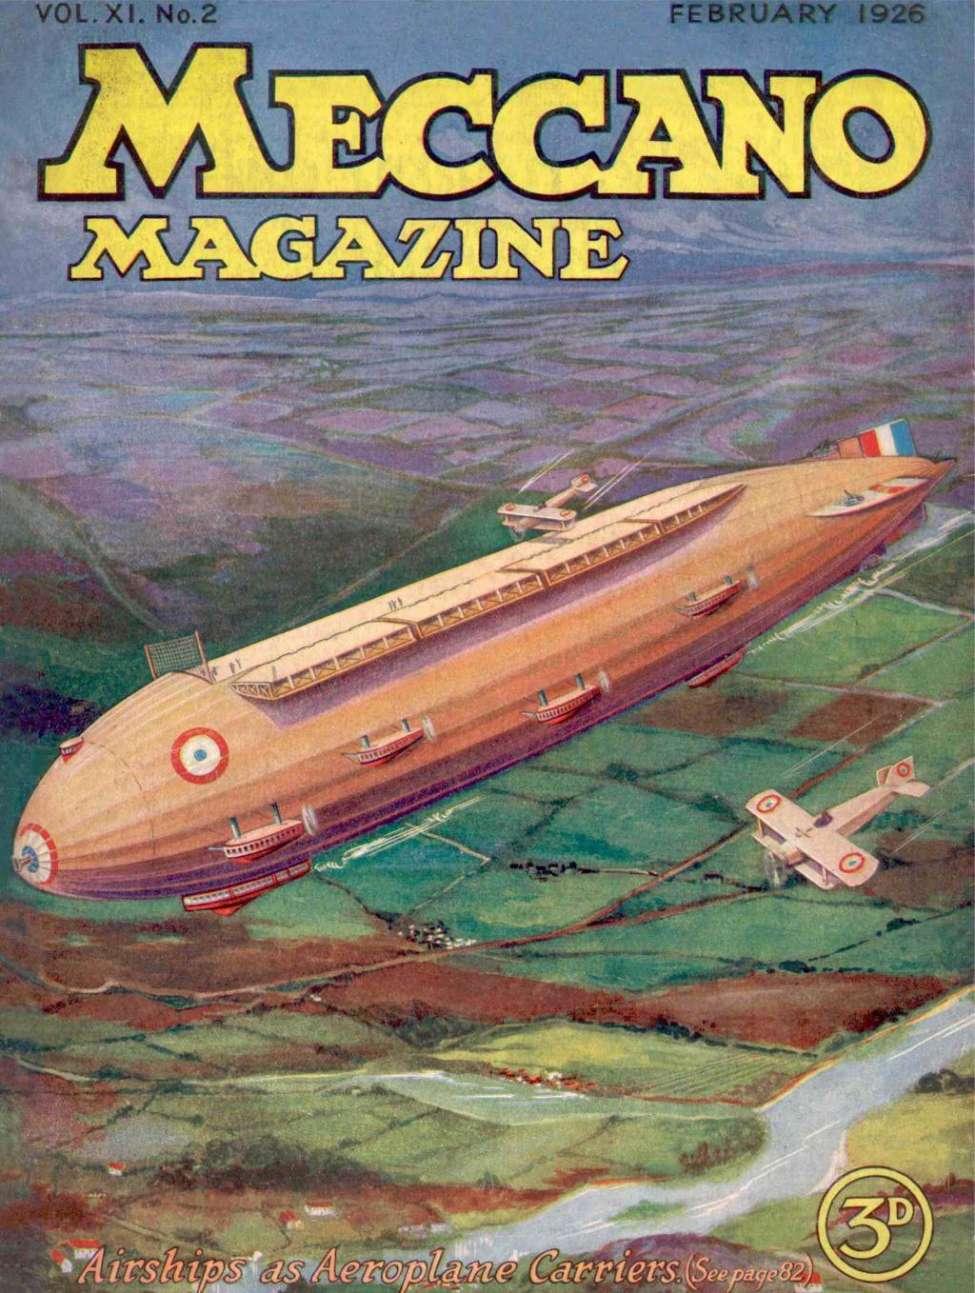 Comic Book Cover For Meccano Magazine v11 02